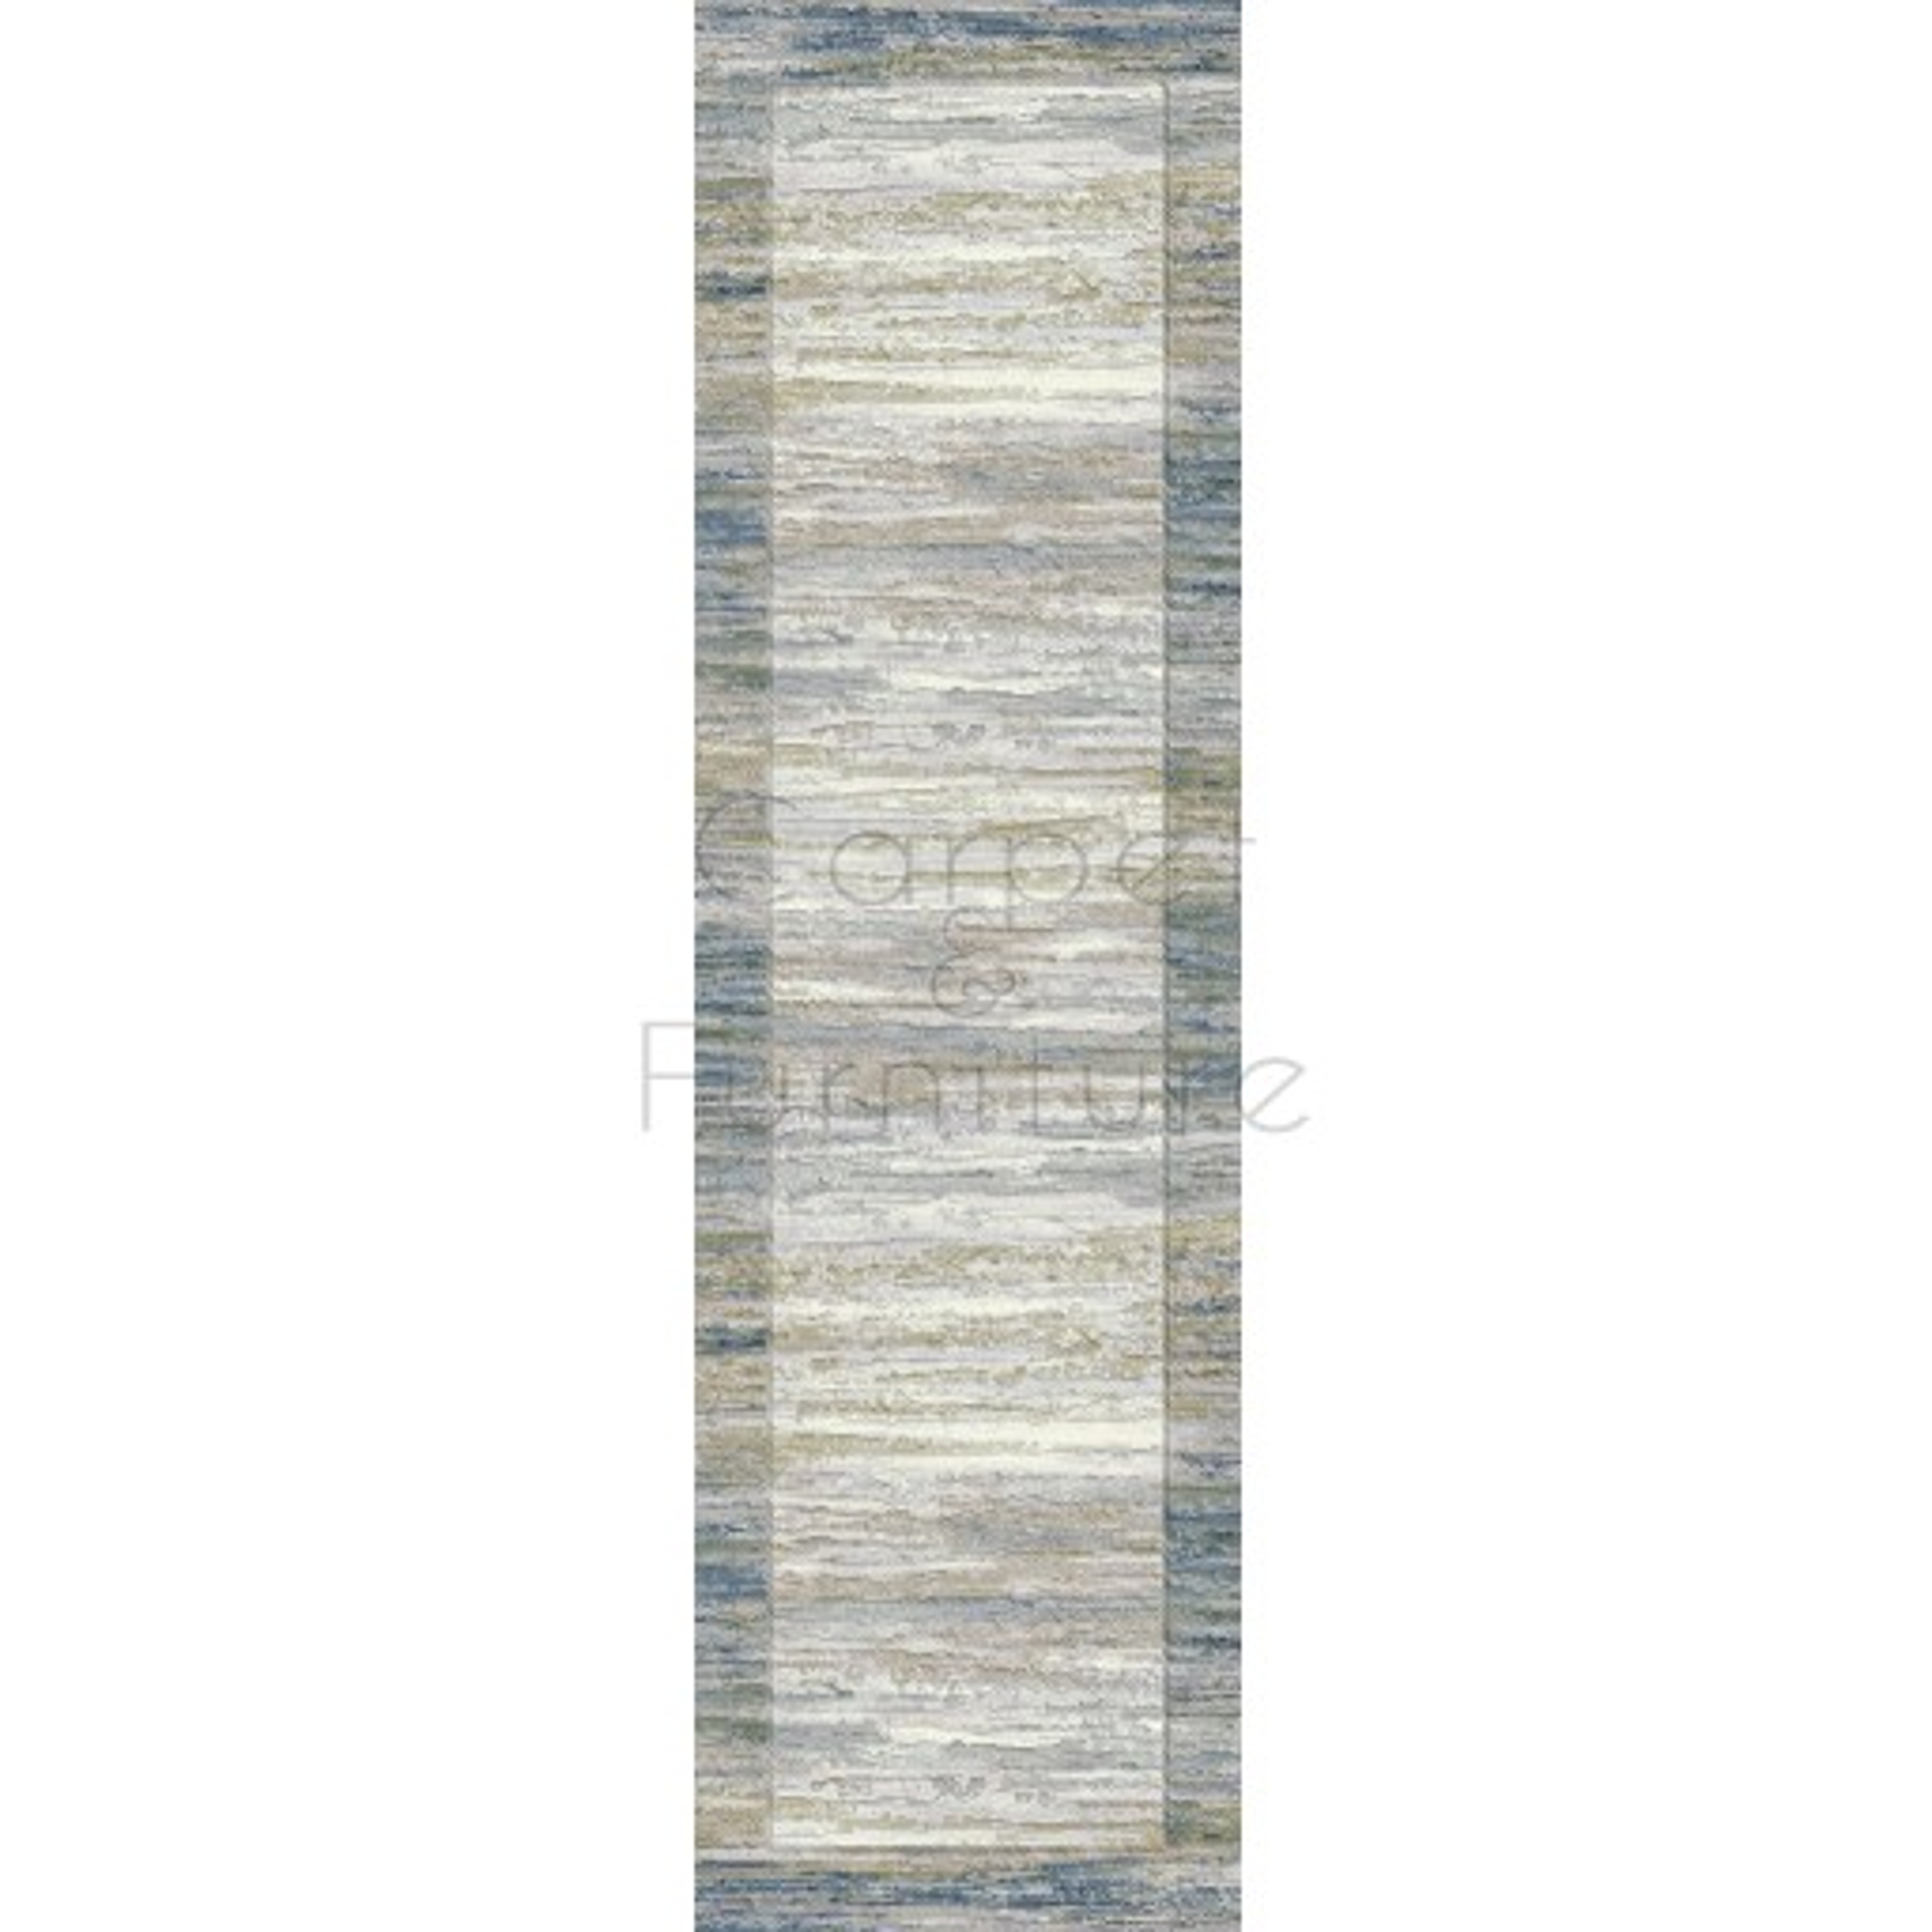 Galleria Rug - Border Blue 63138 6191 - Size Runner 67 x 330 cm